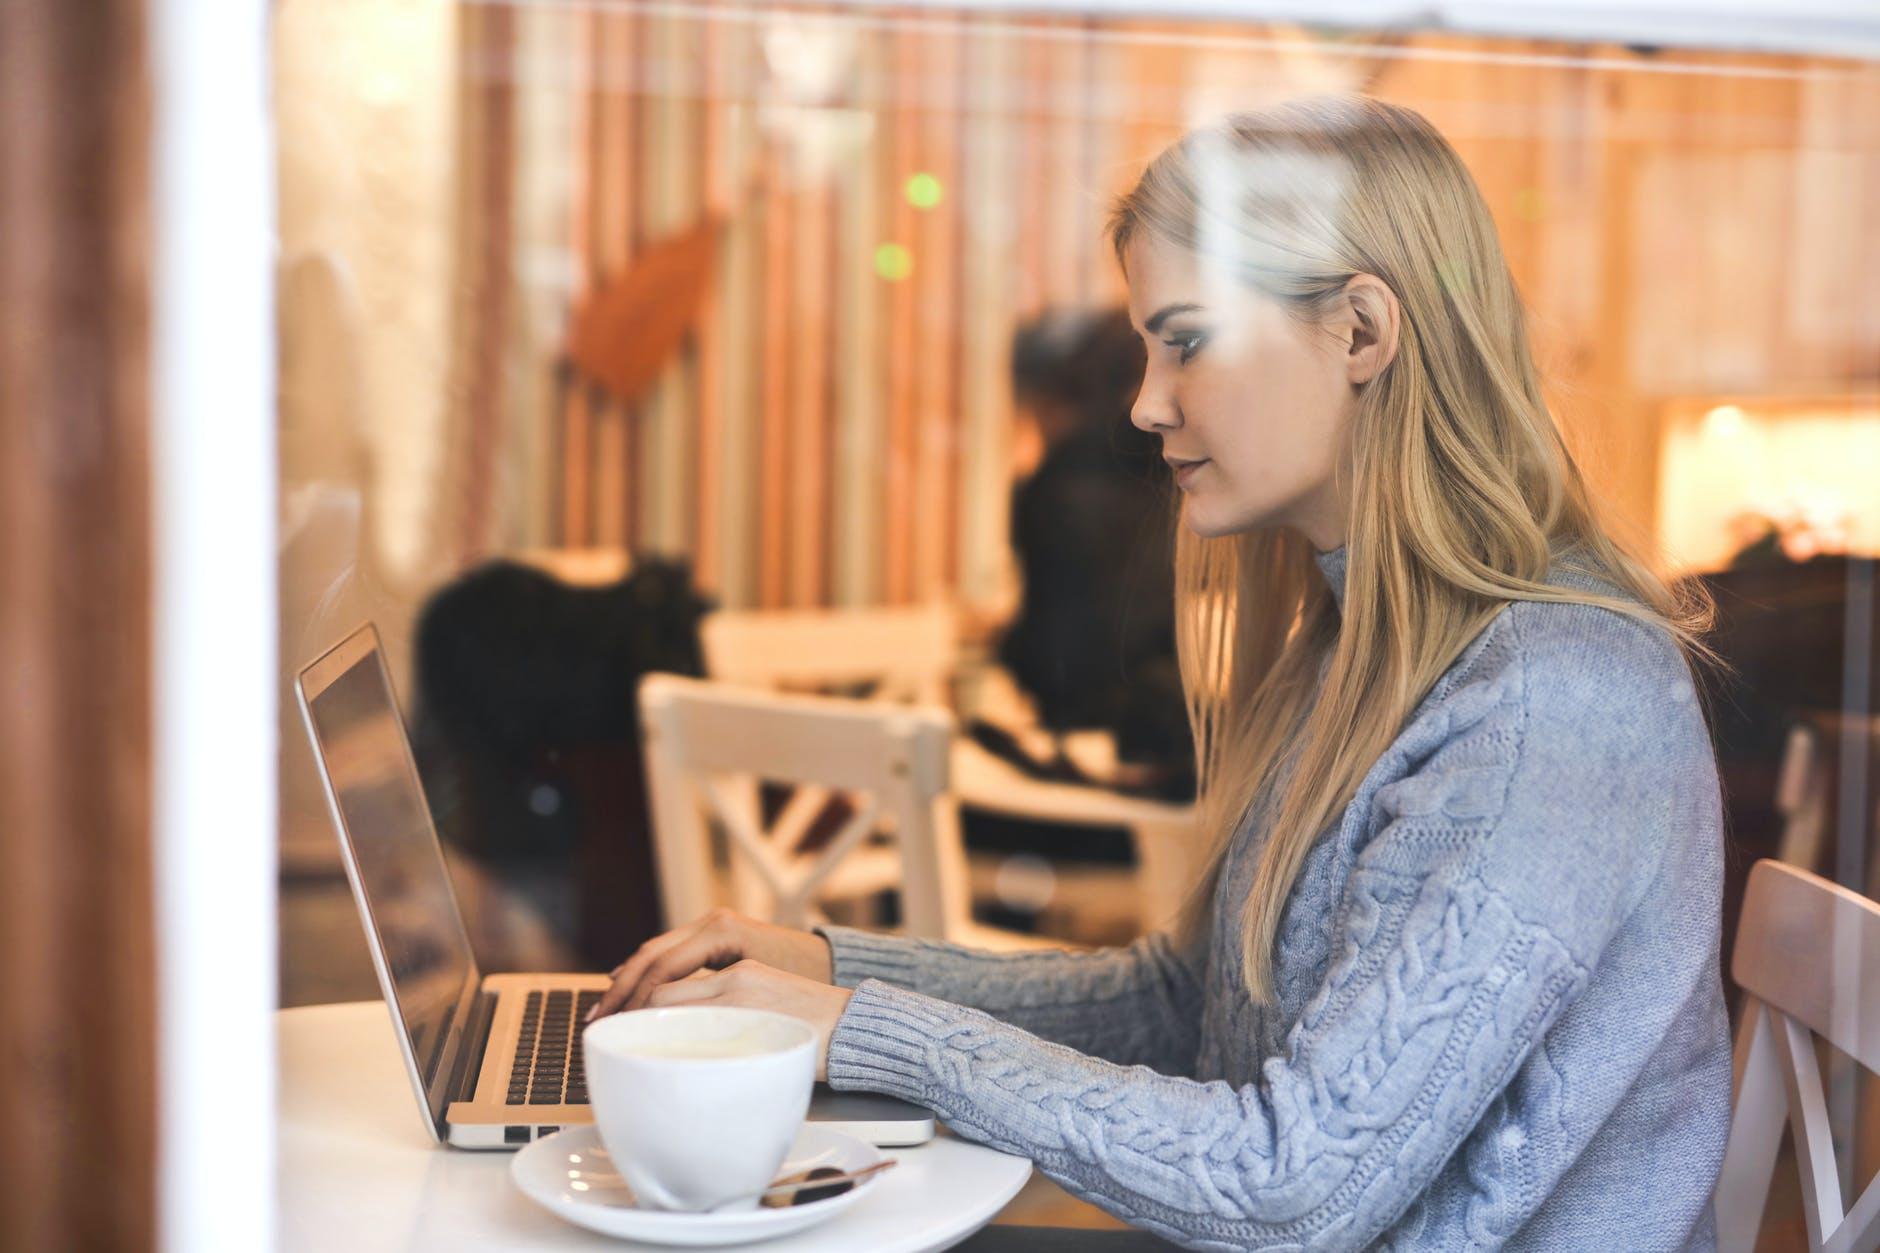 mulher jovem mexendo em notebook em uma cafeteria.